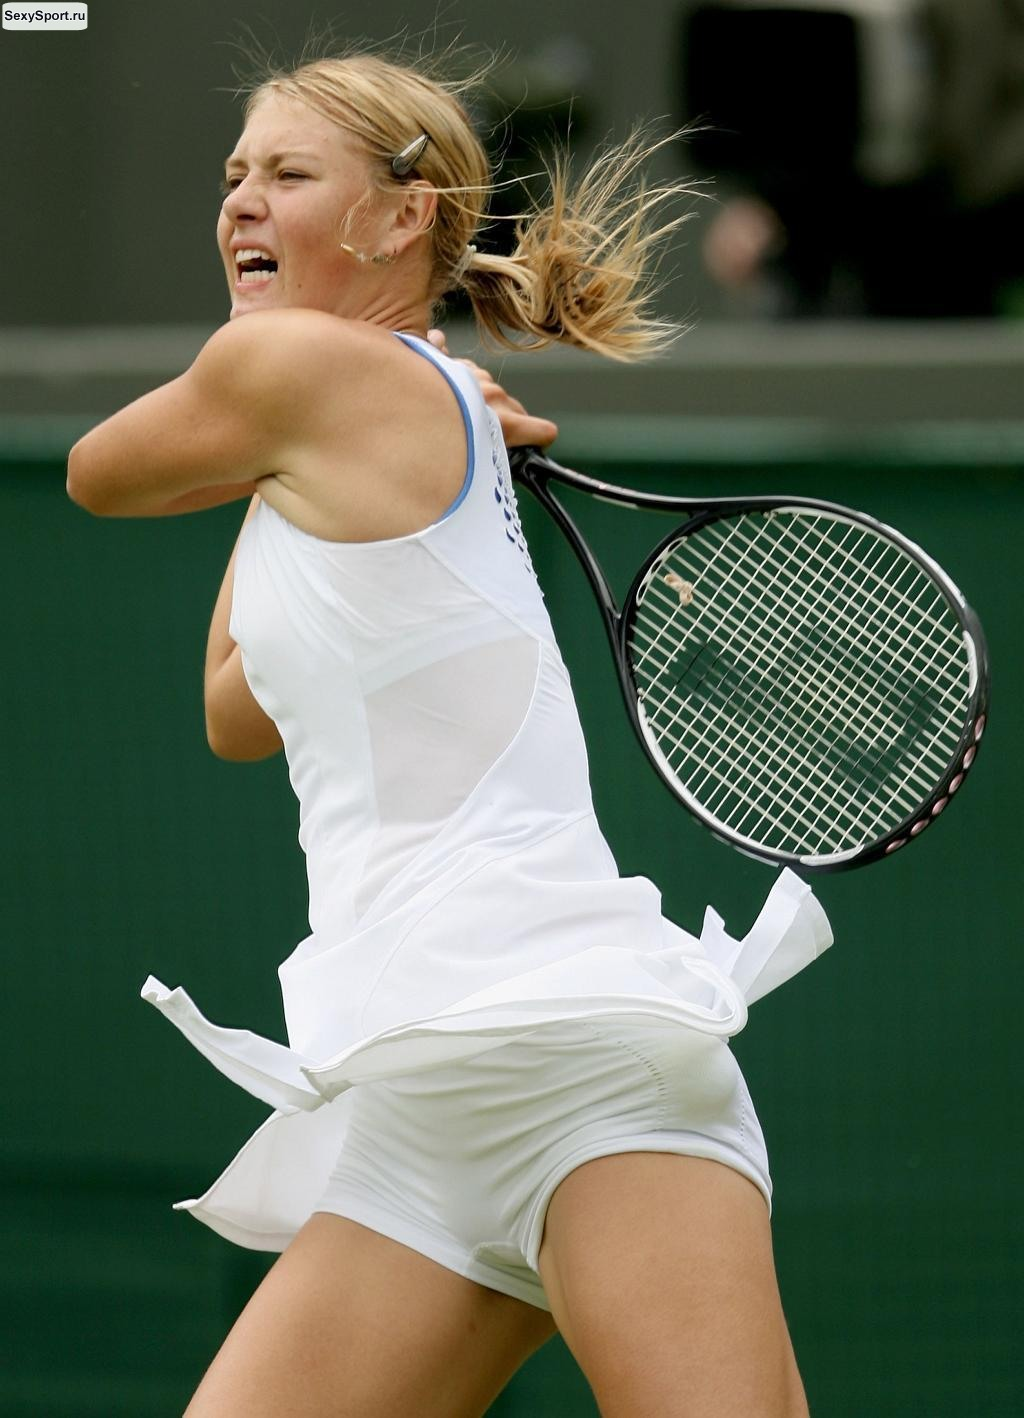 Эротичные упражнения теннисистки